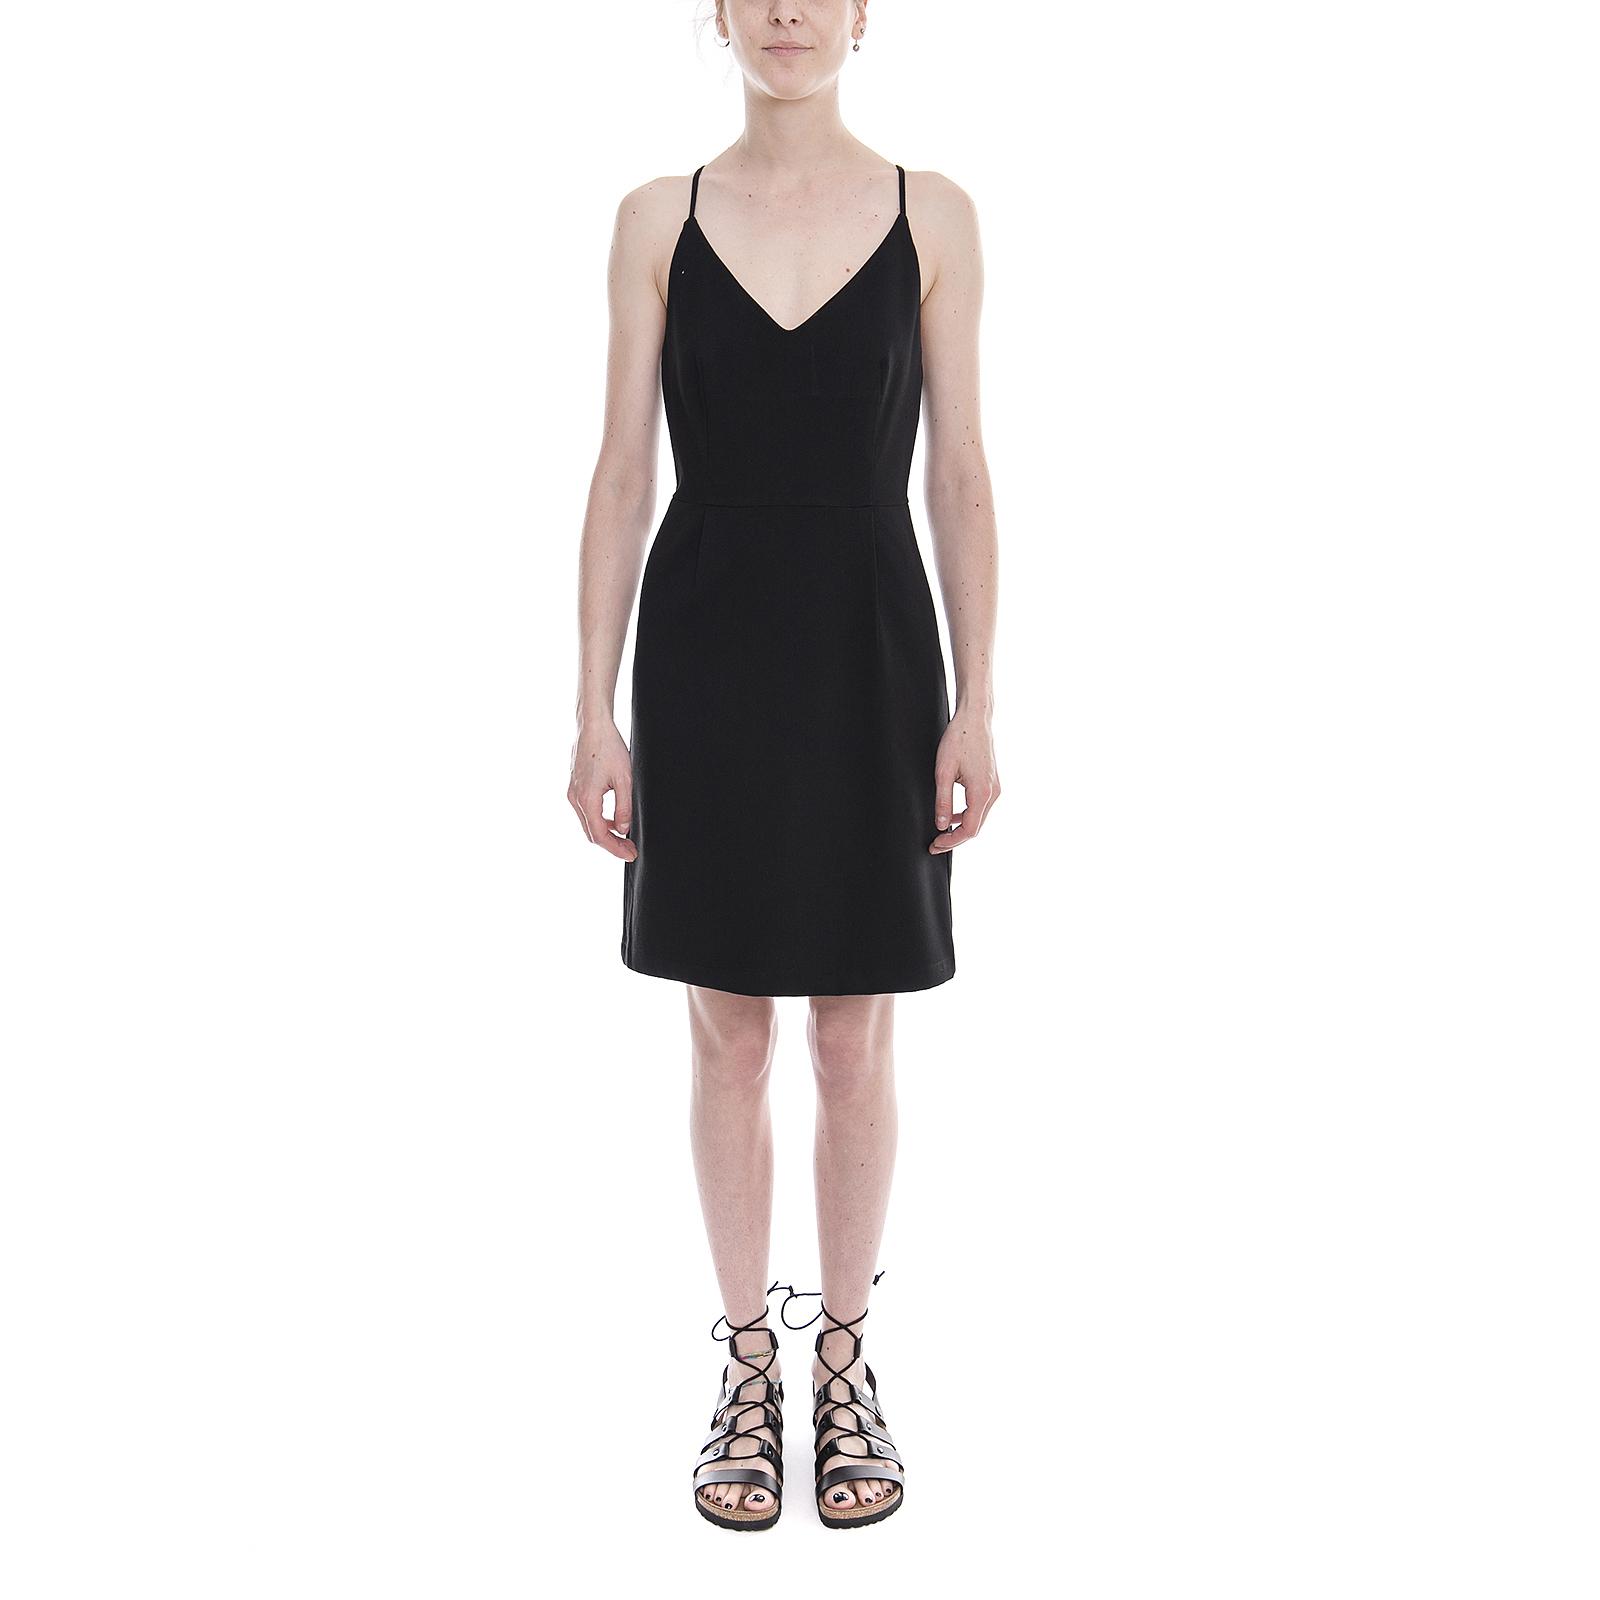 Minimum Kleidung Jenni 0035 schwarz Schwarz